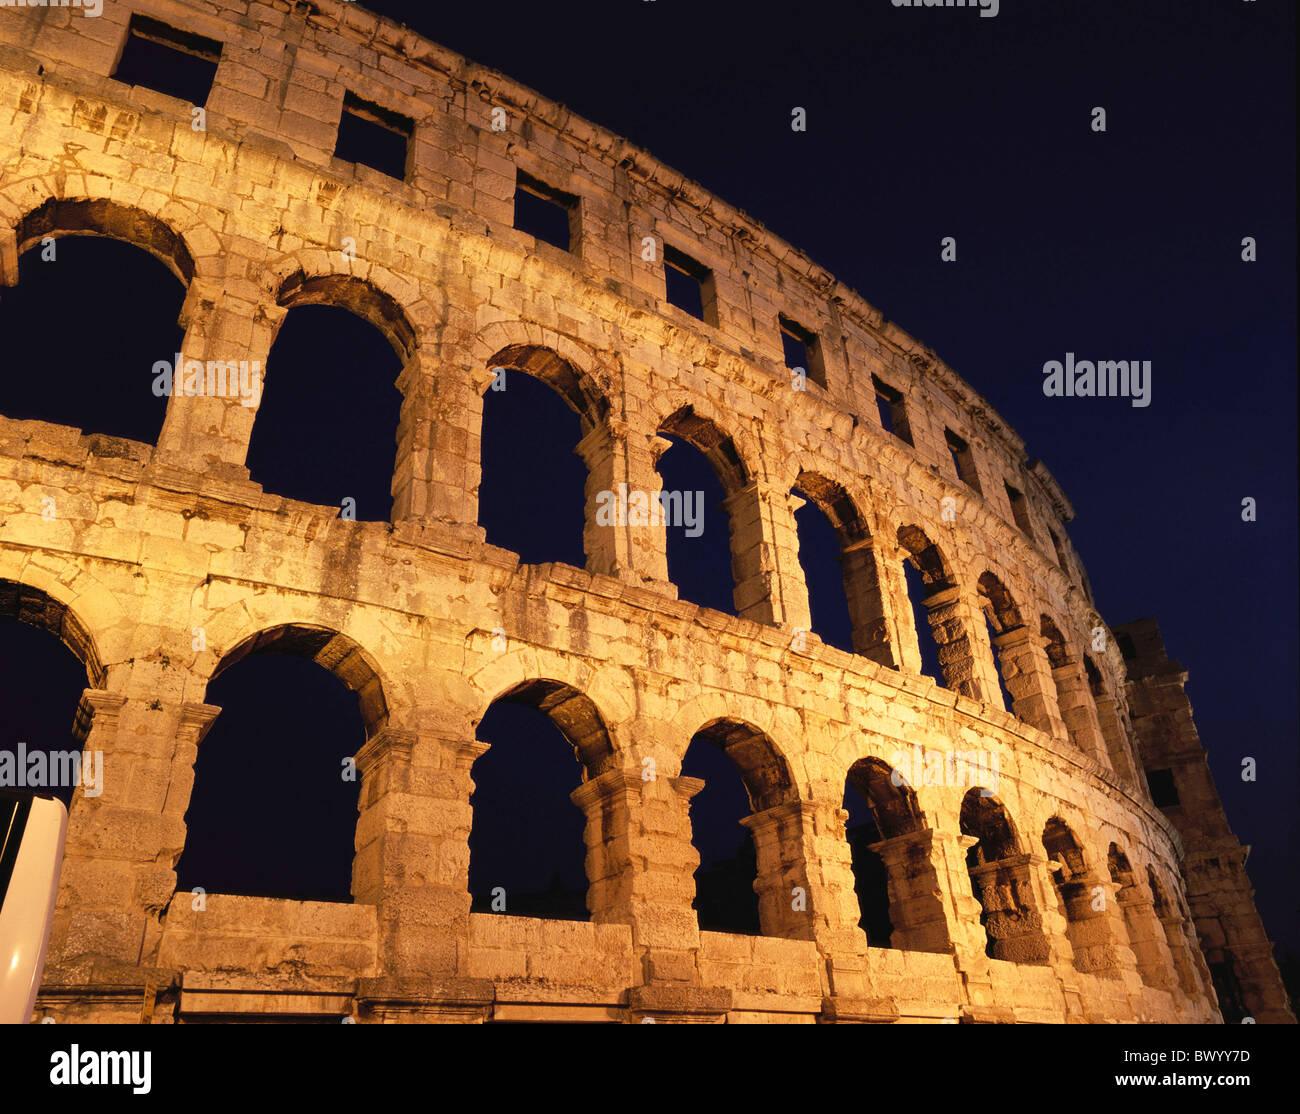 Anfiteatro antico mondo antichità portici dettaglio storica facciata Istria Croazia notte di notte romano Immagini Stock